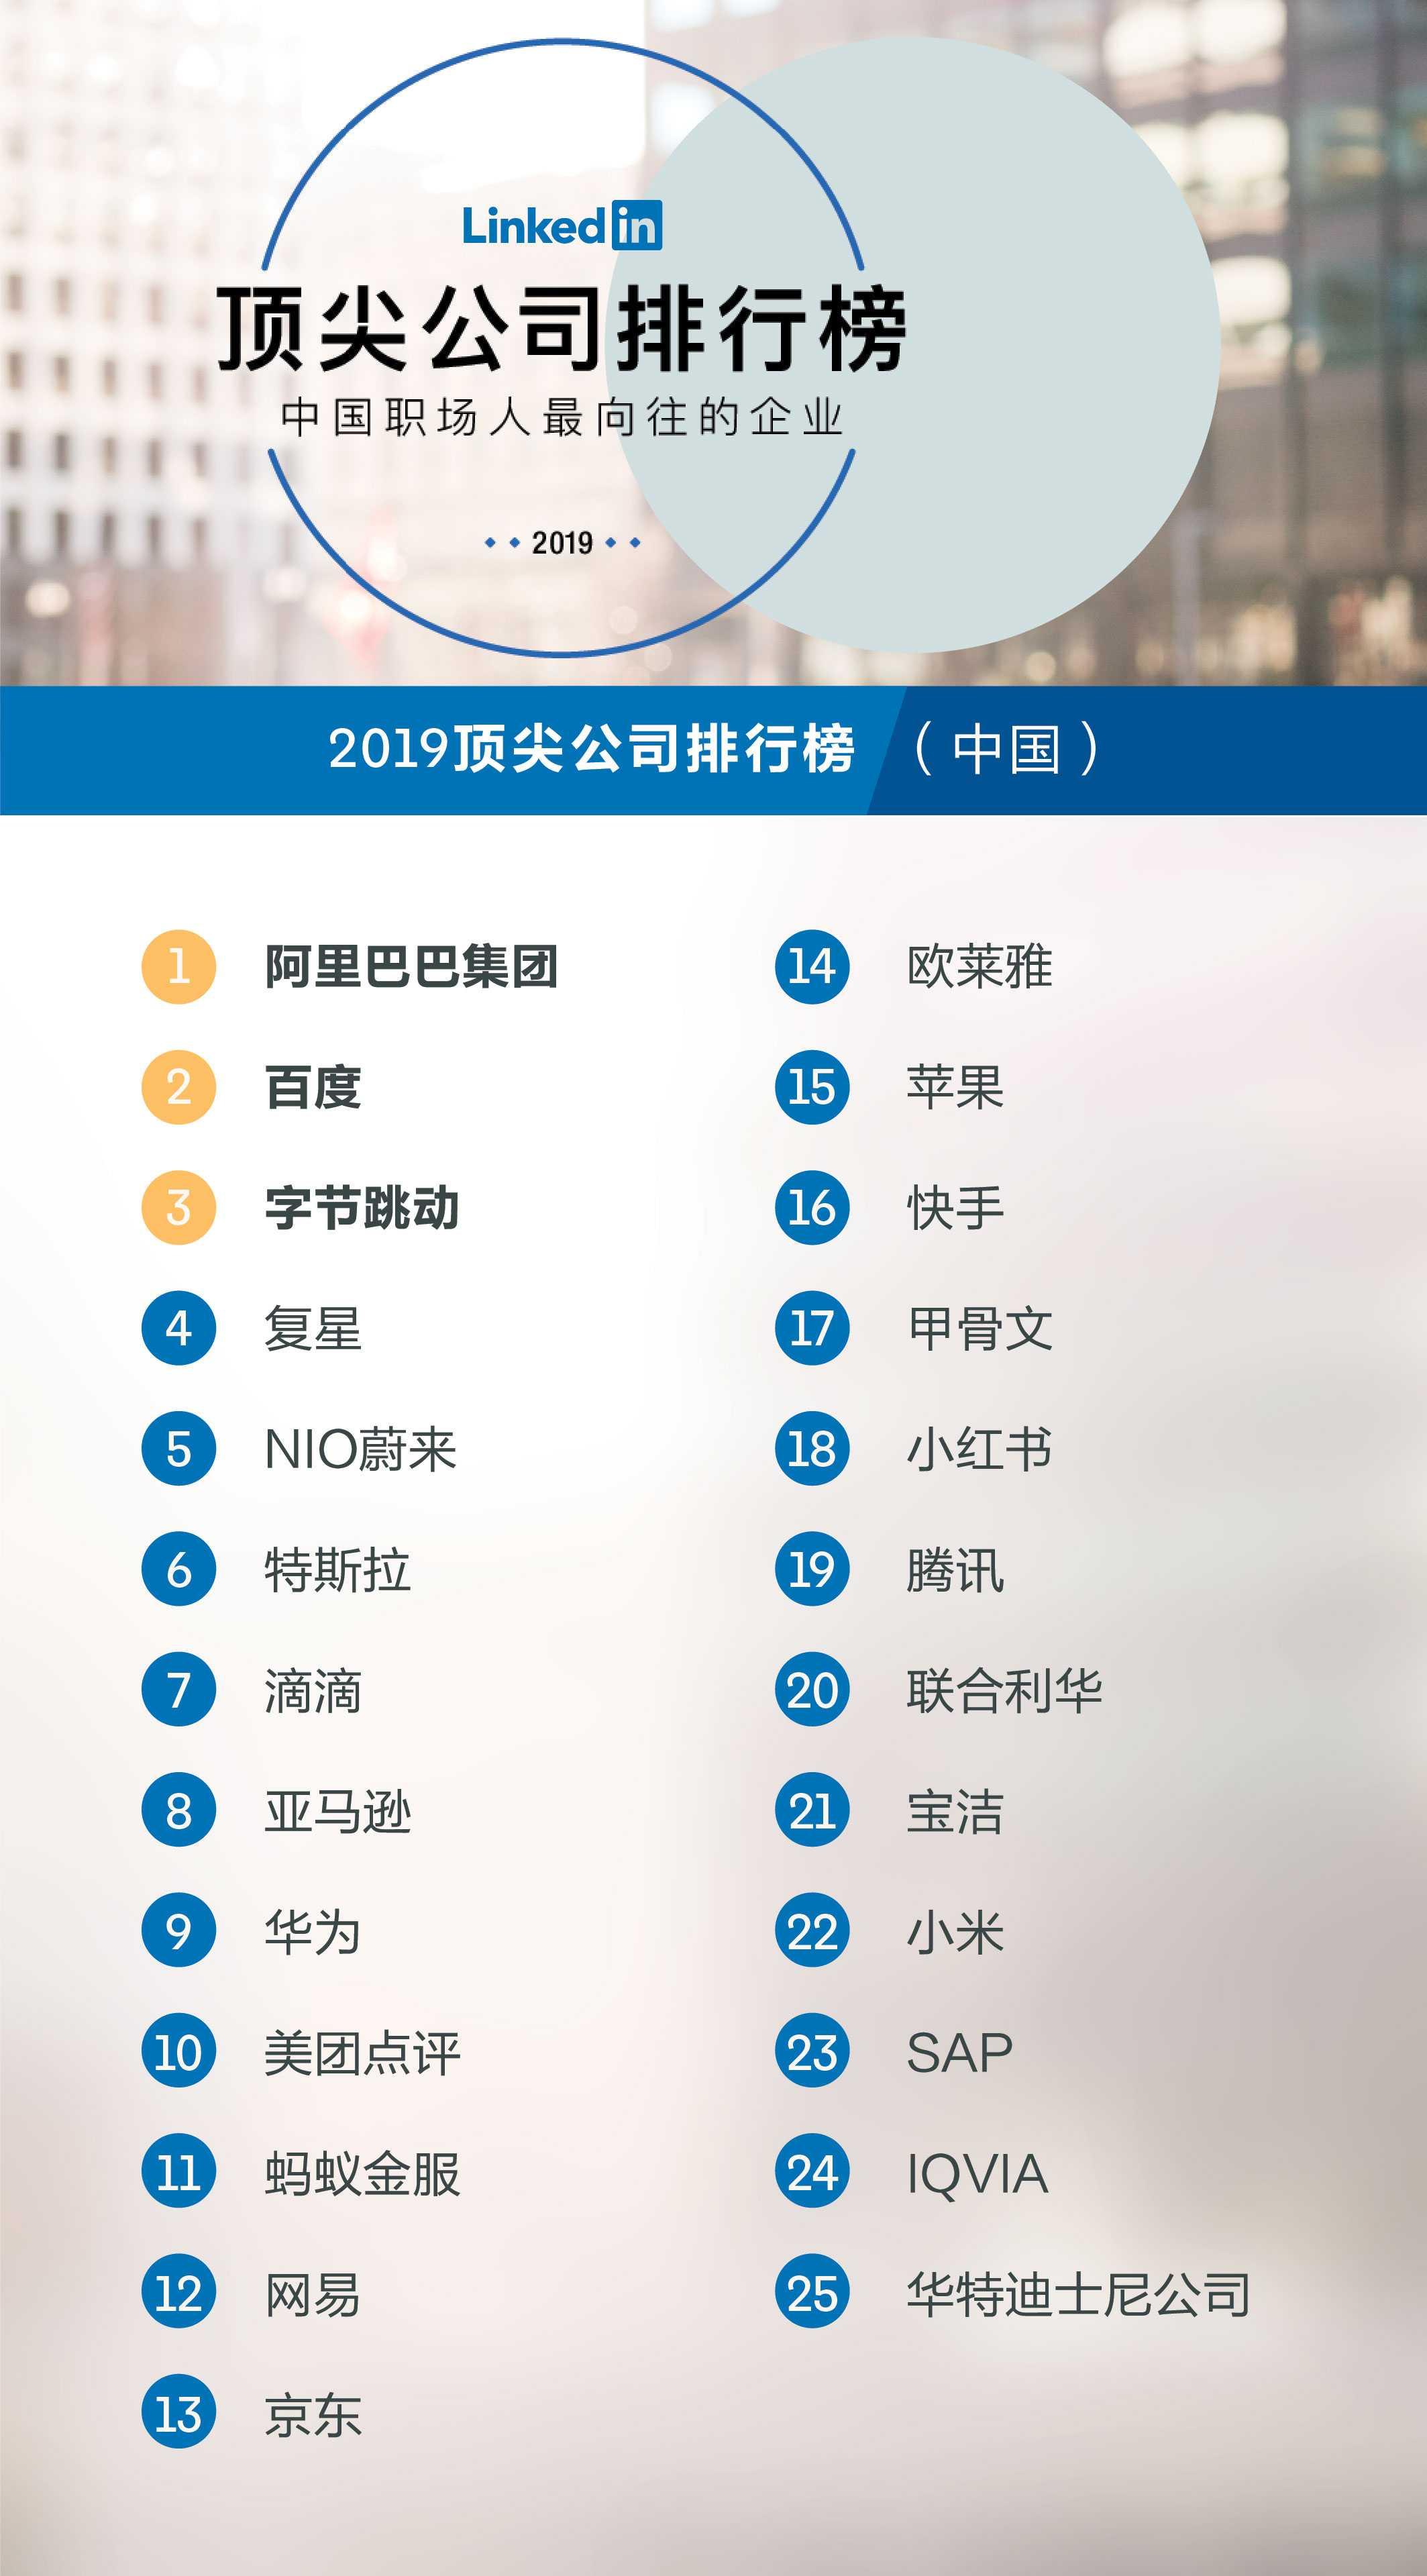 2019年美国 排行榜_重磅 福布斯发布2019年美国大学TOP200排行榜,留学必看